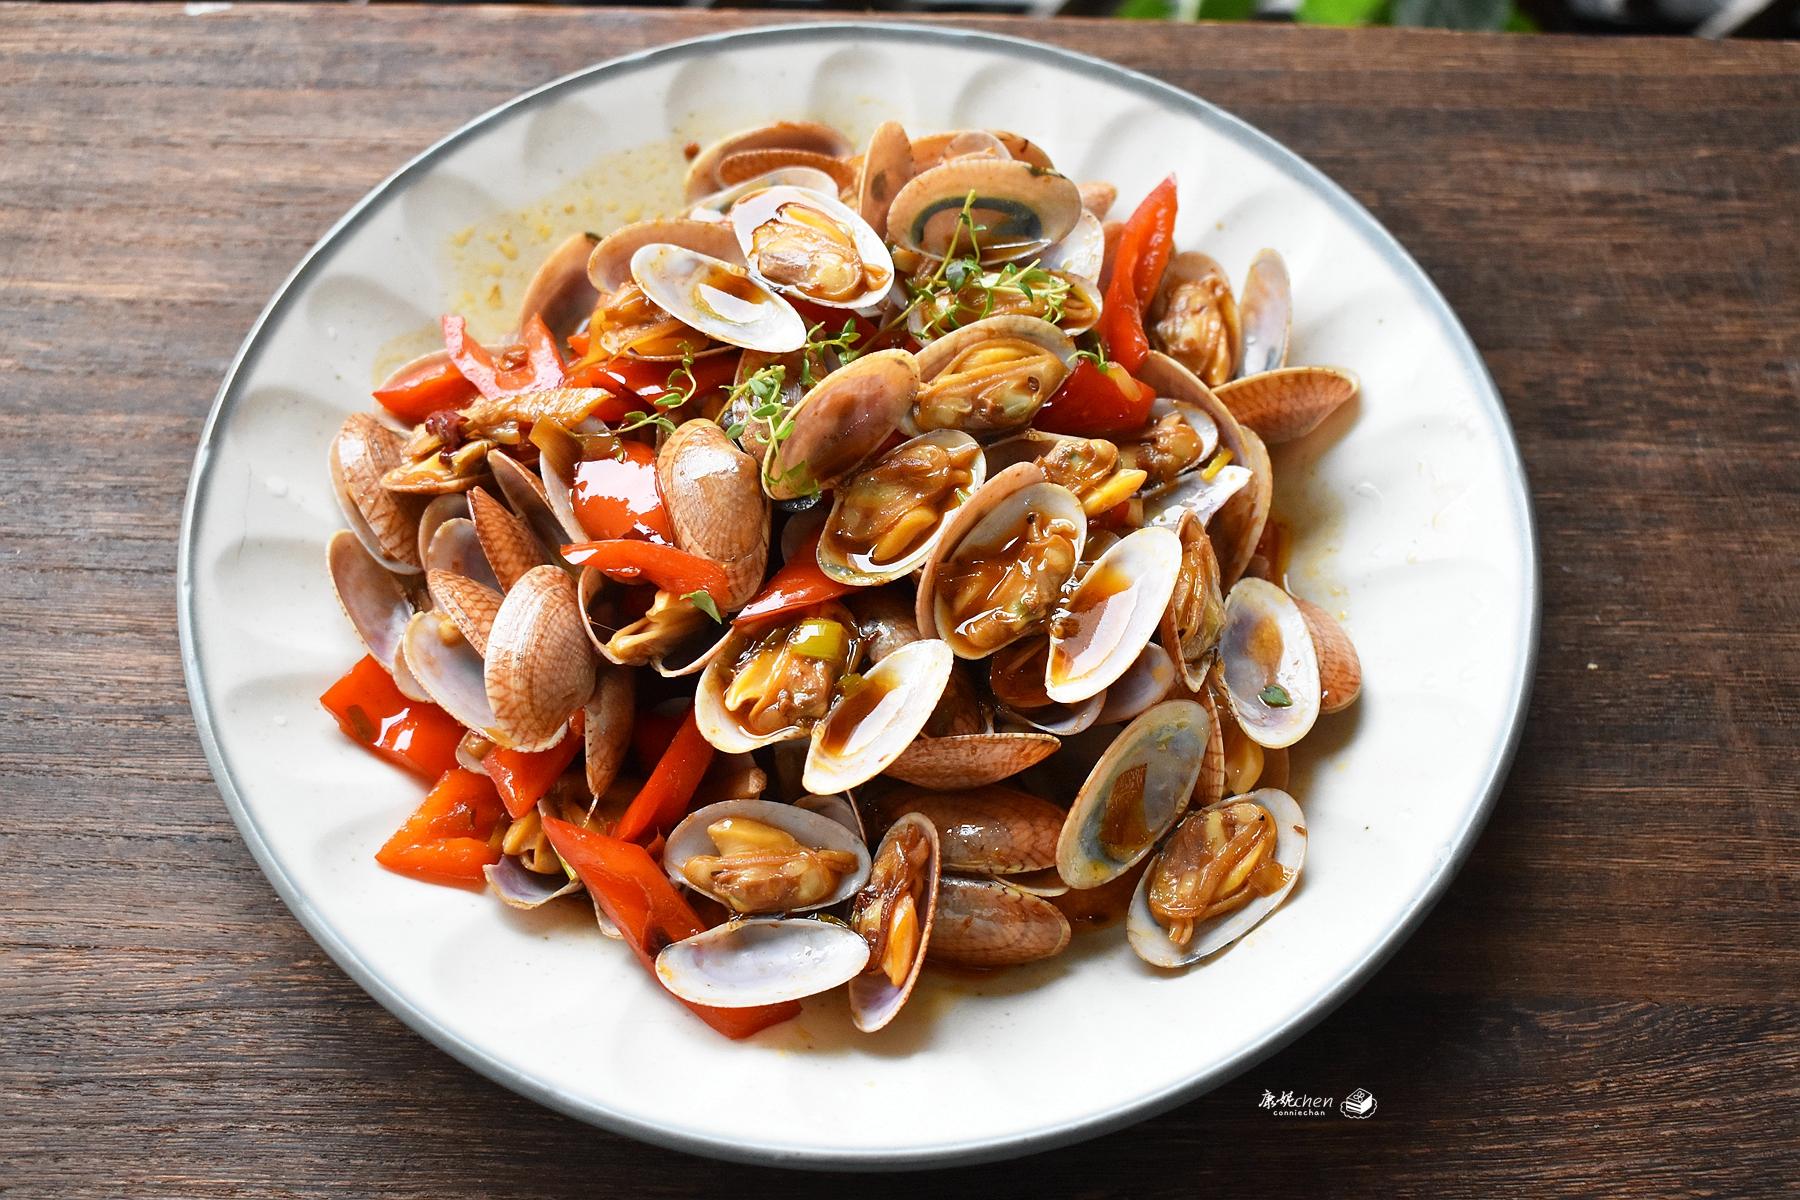 夏天吃它最鲜美,很多人第一步就做错了,这样简单炒一炒好吃营养